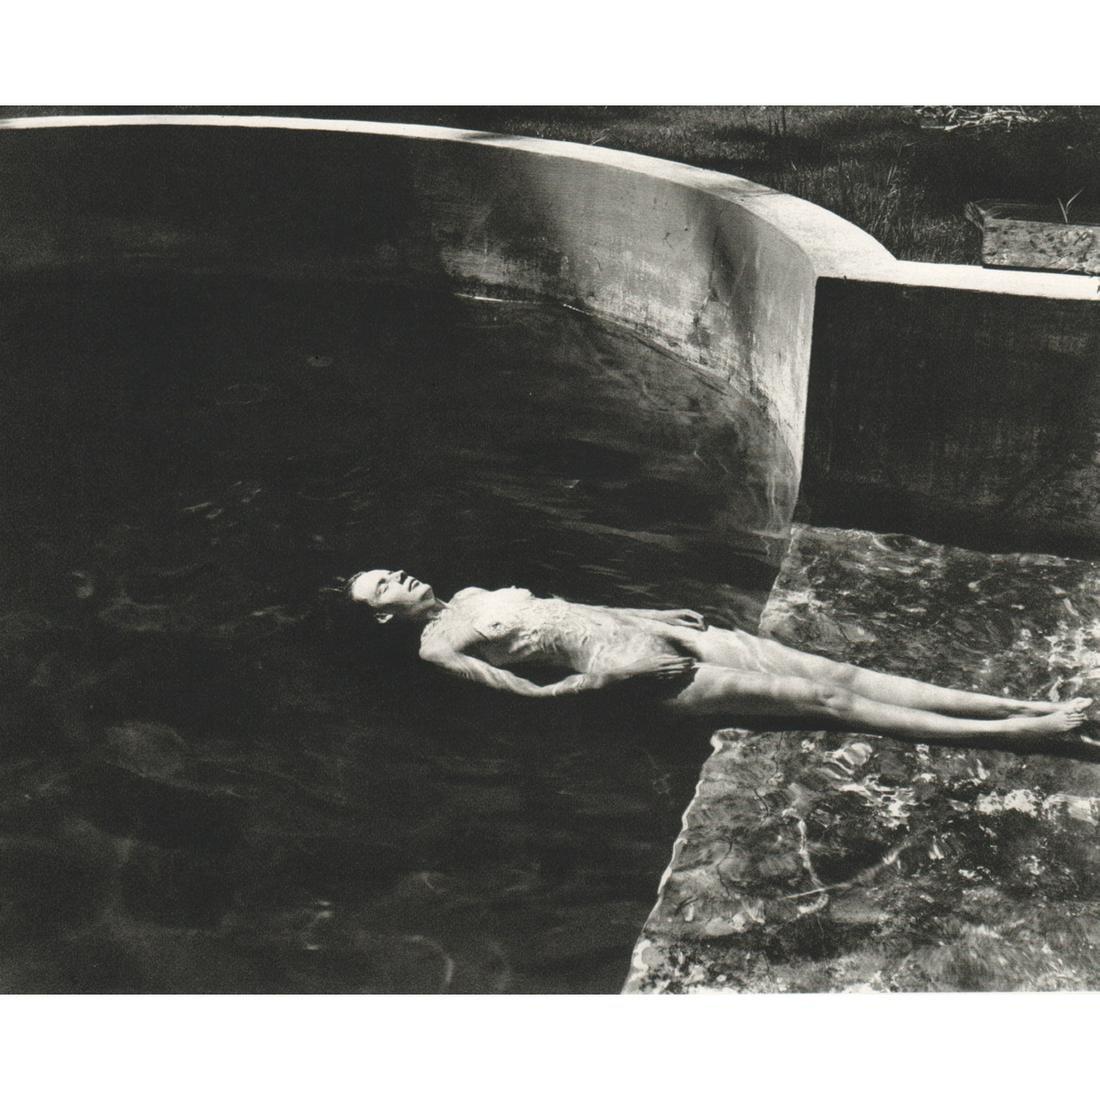 EDWARD WESTON - Nude Floating, 1939